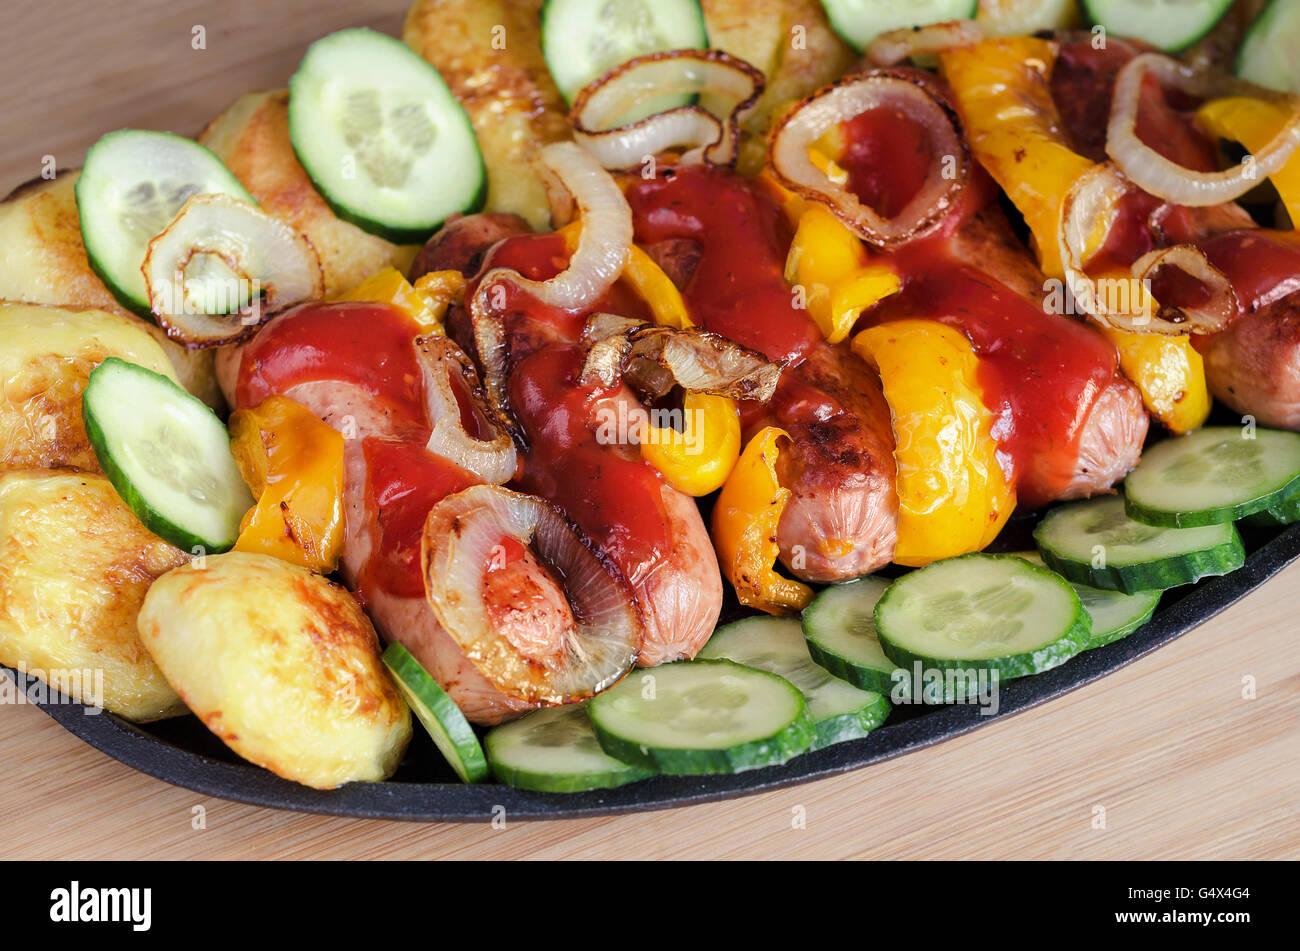 Plat avec des saucisses et légumes Photo Stock